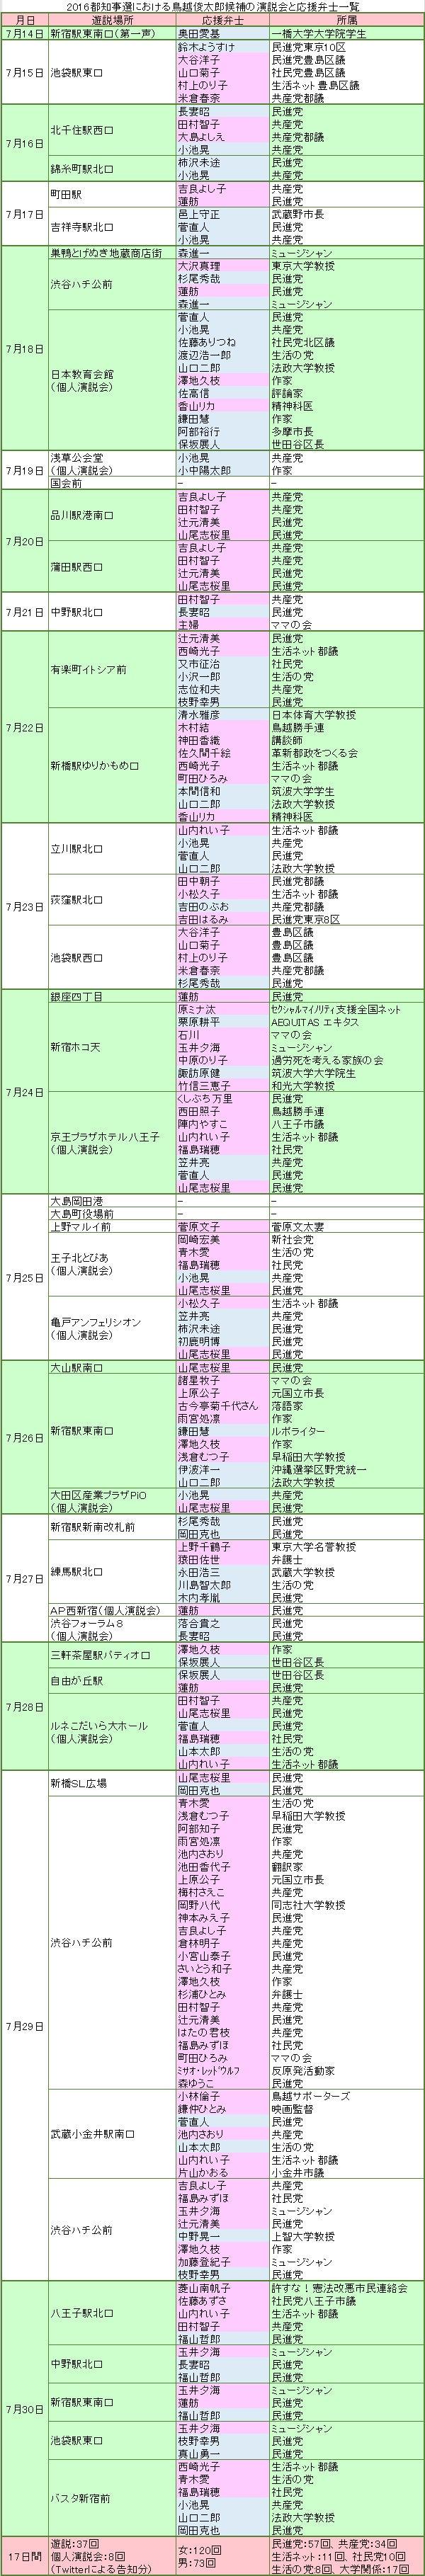 鳥越俊太郎氏の応援演説者リスト